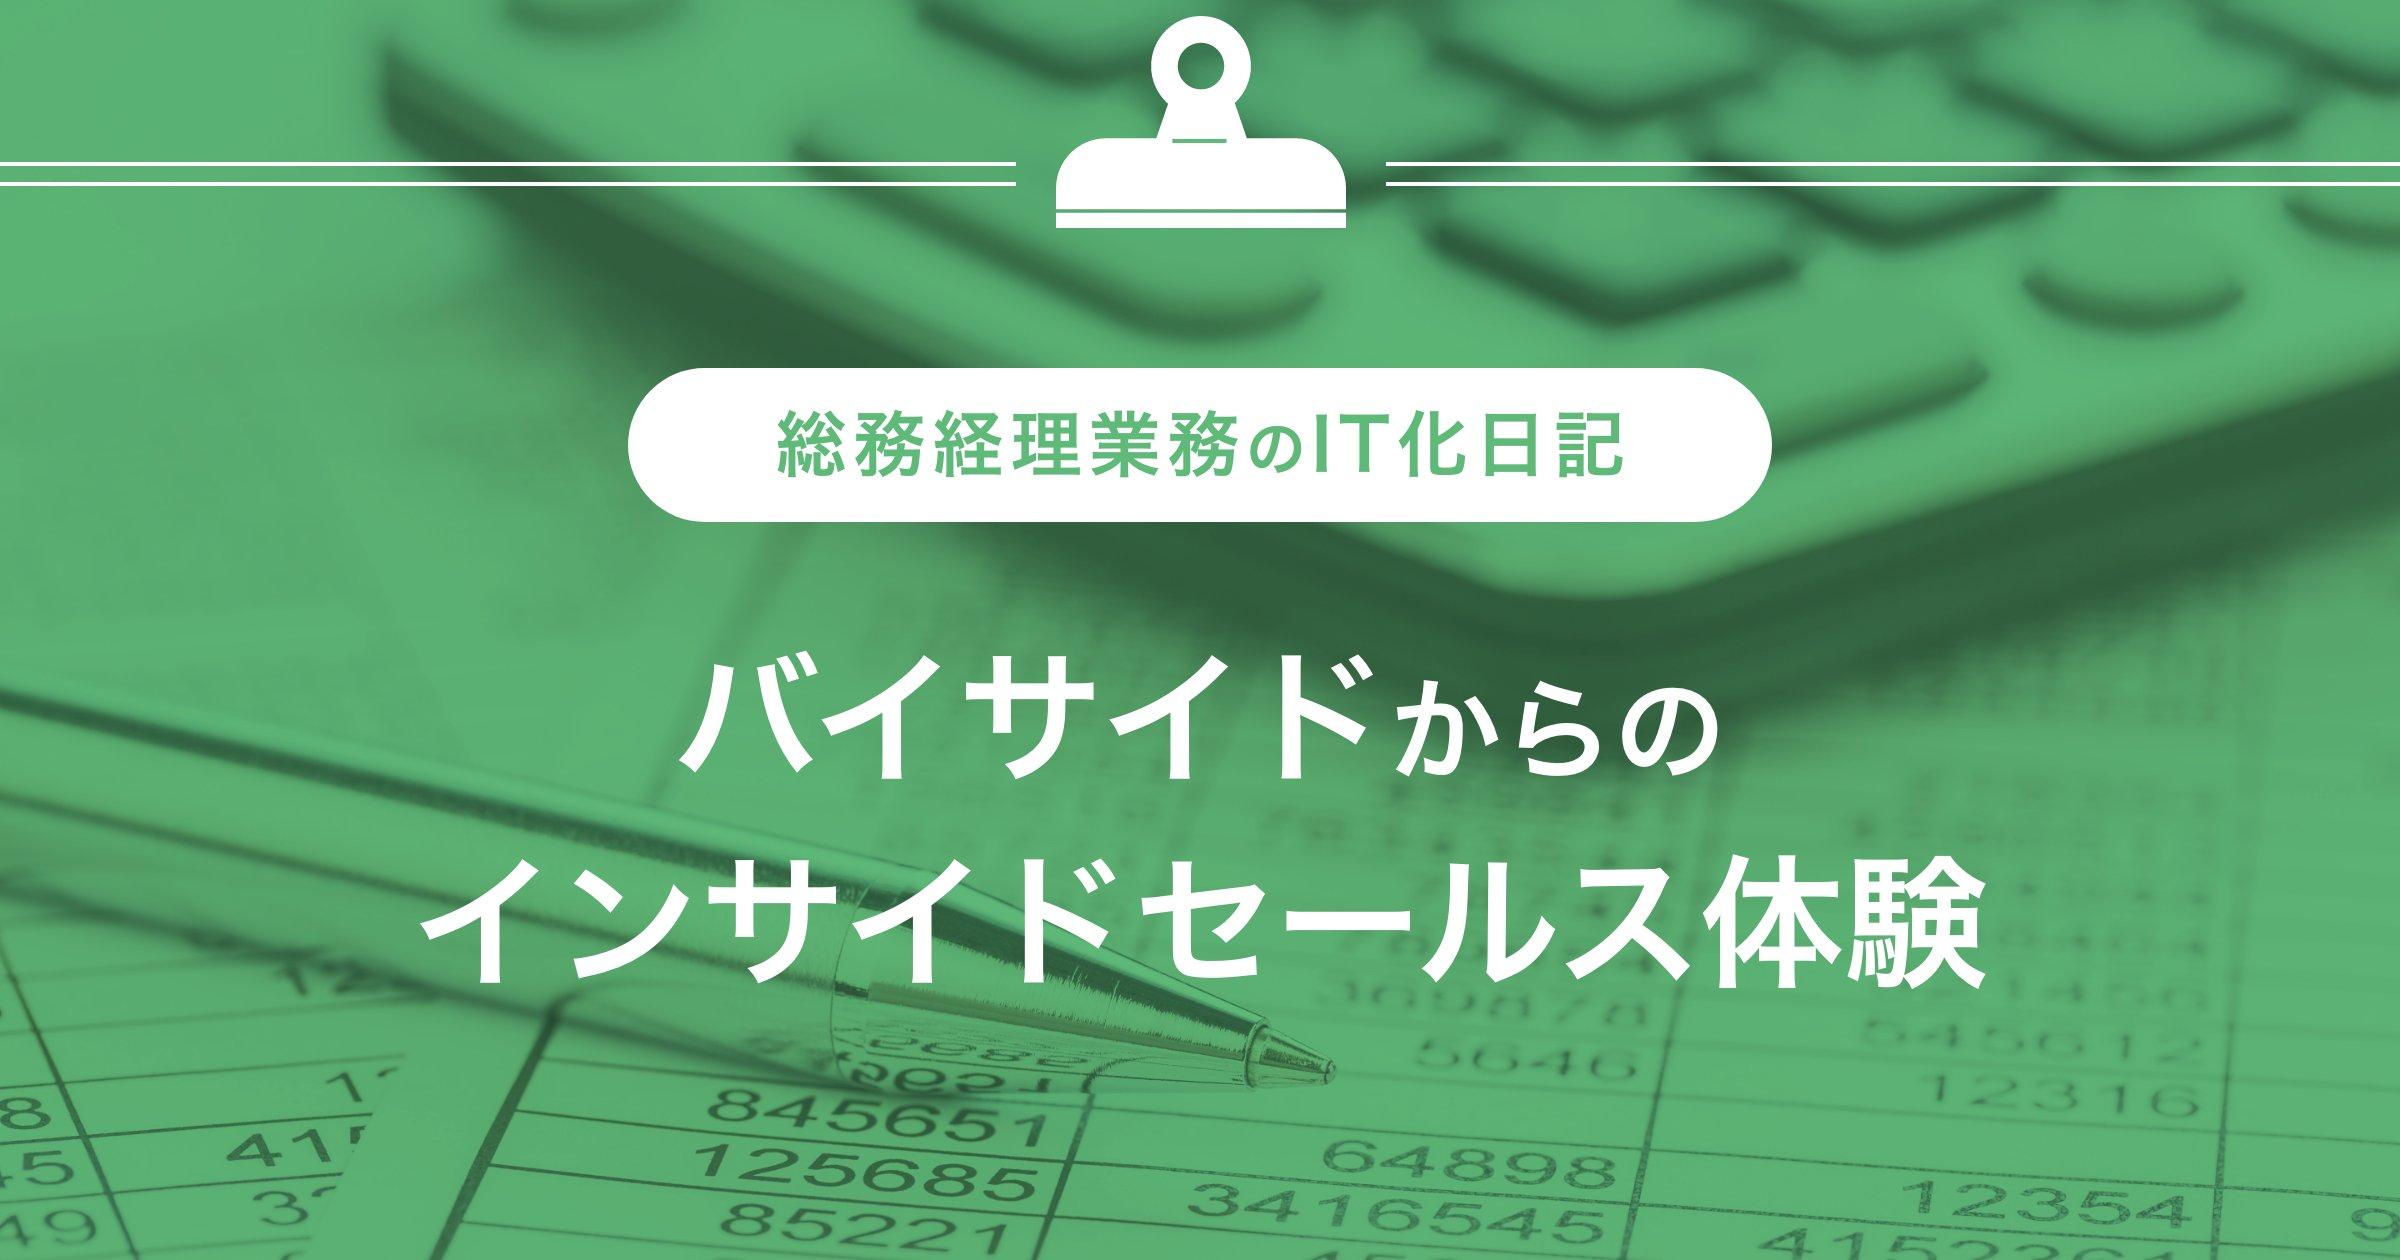 総務経理業務のIT化日記。バイサイドからのインサイドセールス体験